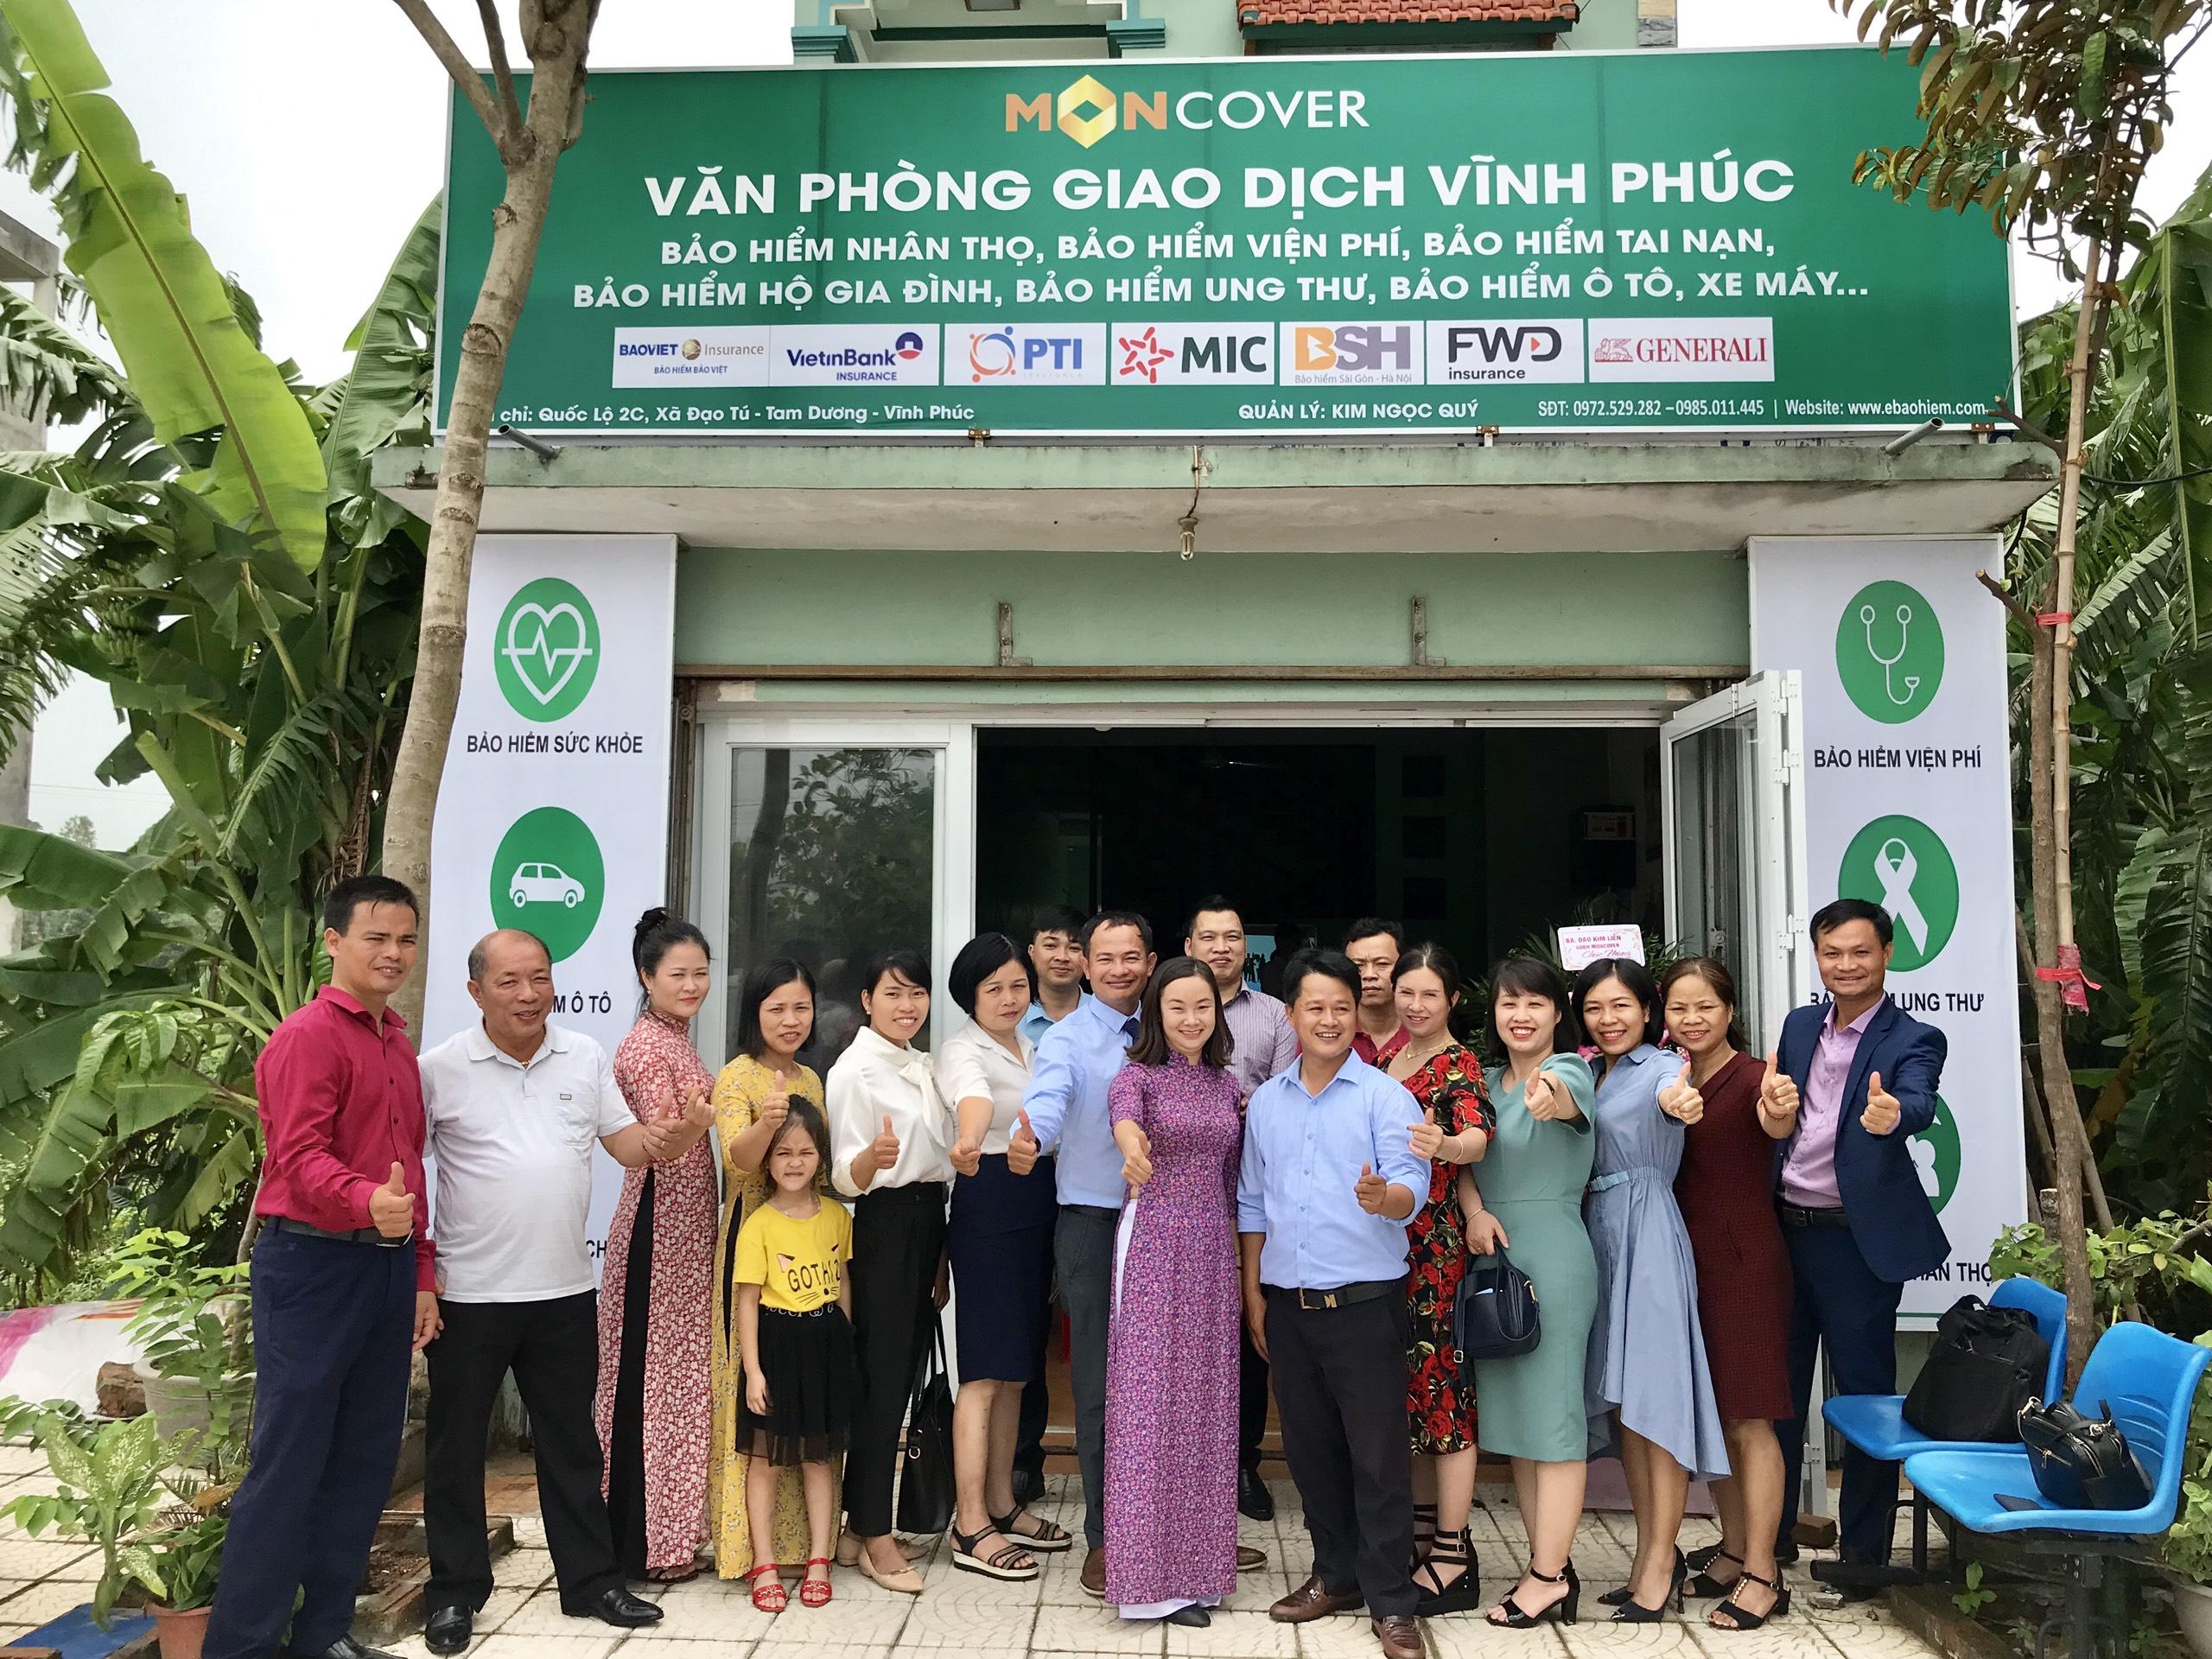 Lễ ra mắt Văn phòng giao dịch Moncover Vĩnh Phúc